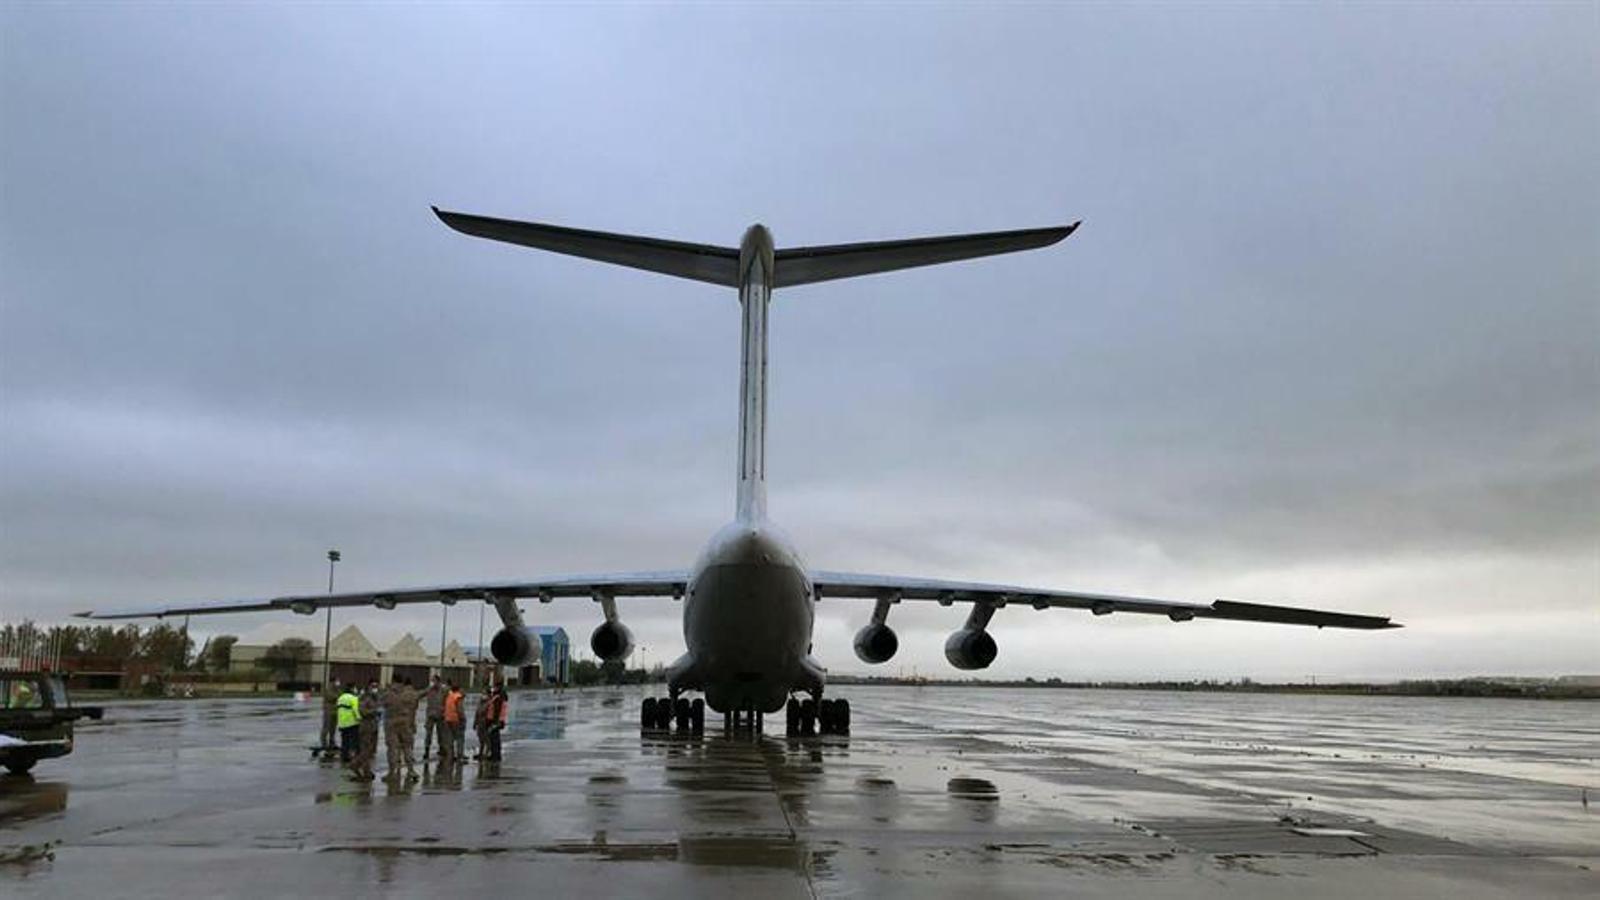 Un avió militar ha portat material mèdic des de Turquia a Espanya, amb la coordinació de l'OTAN